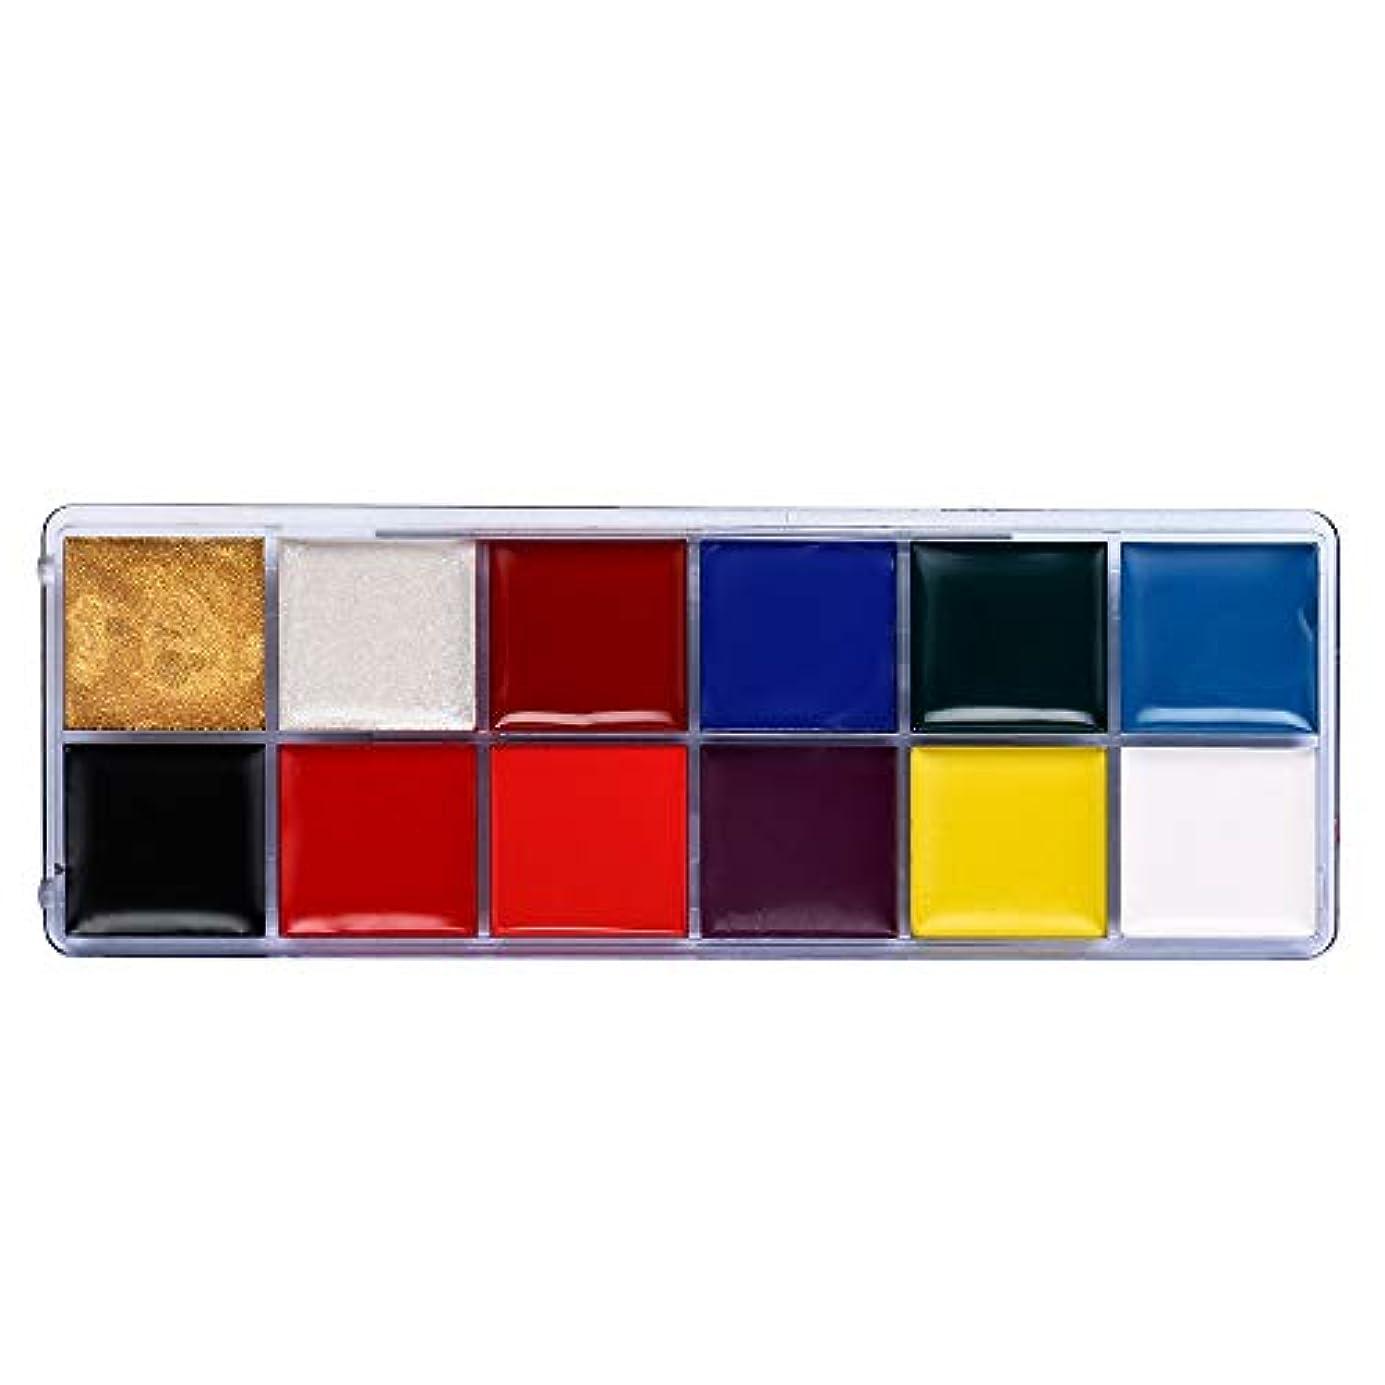 クルー編集者アトラス12色ボディ塗装オイルカラードラマピエロハロウィンメイクアップフェイスカラー